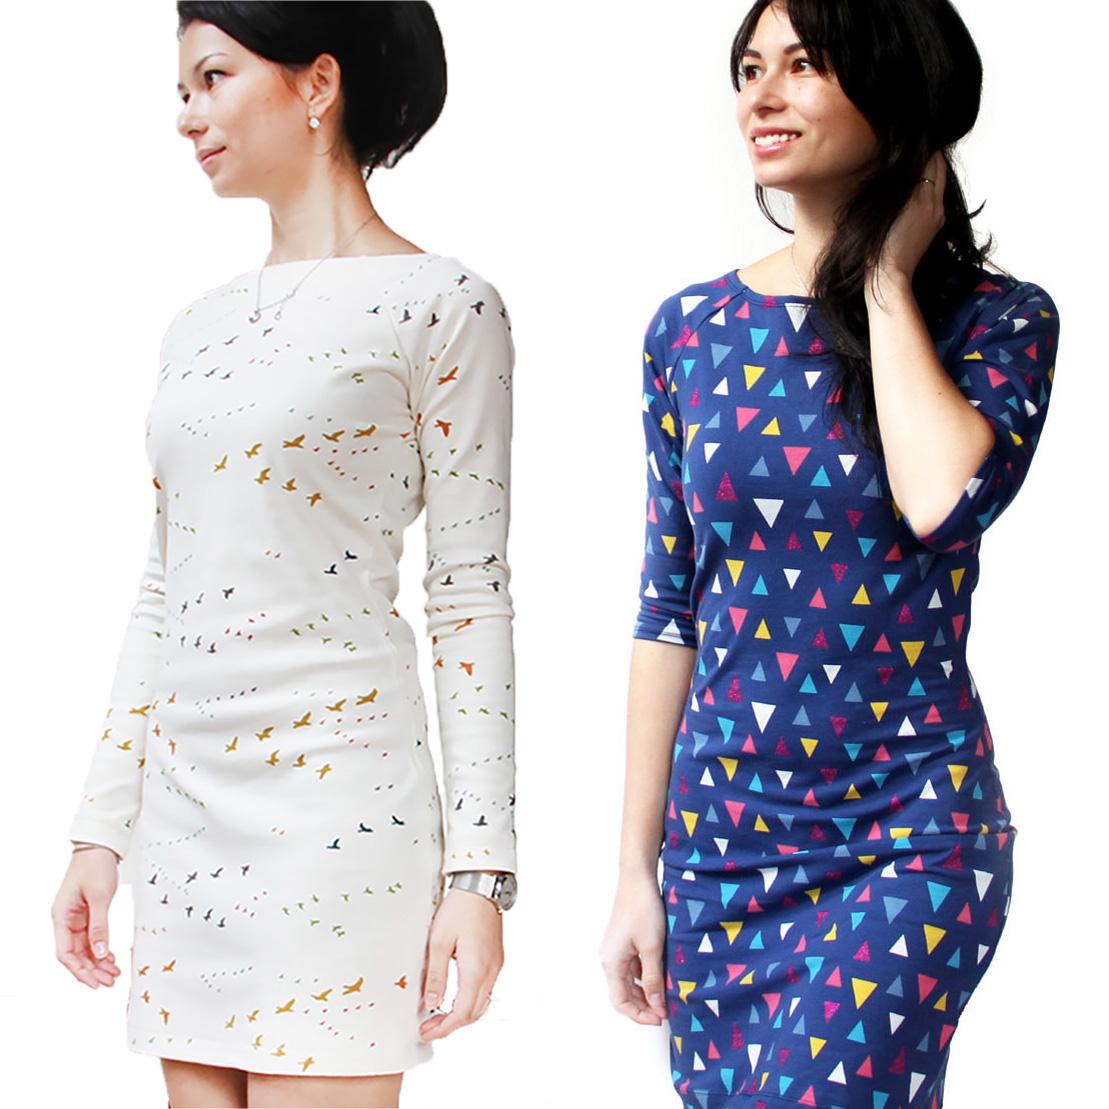 8a394bb2b4d Střih na dámské šaty JACKELINE (velikosti 32 - 50) - Prošikulky.cz